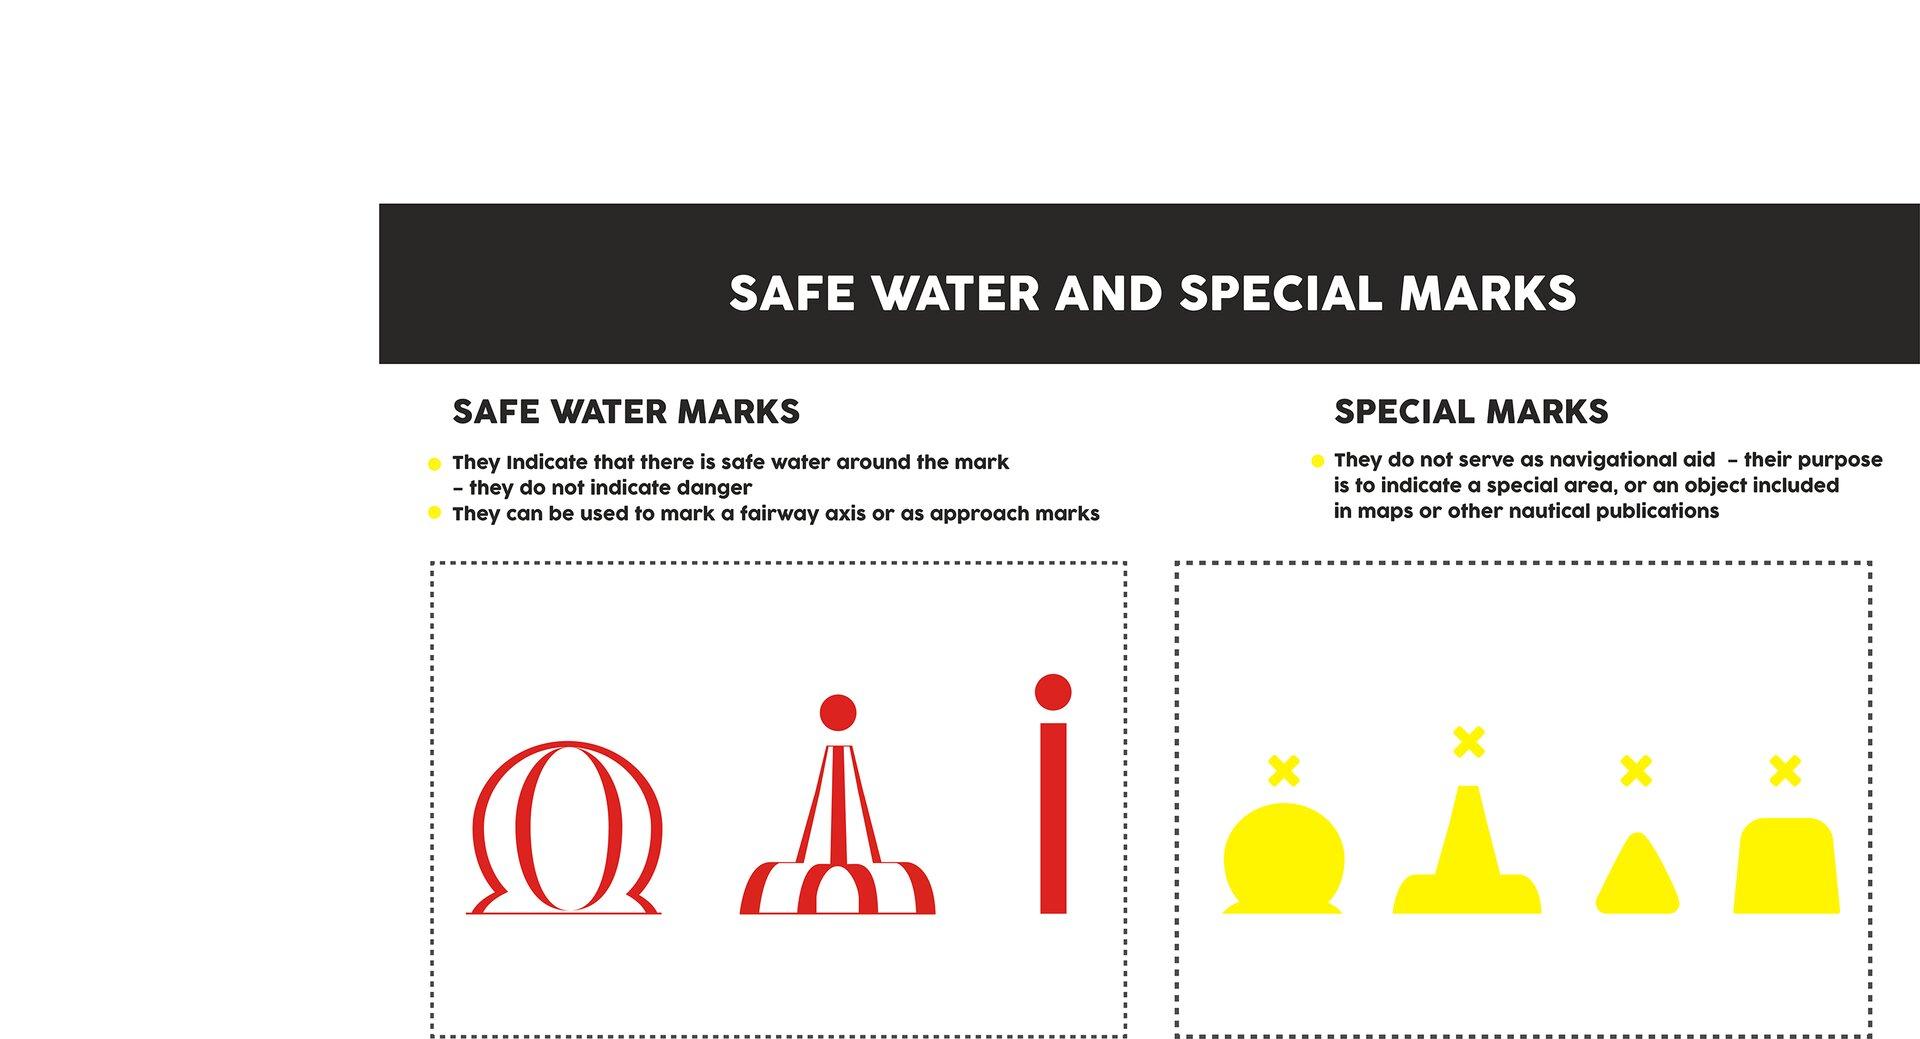 The image presents safe water and special marks. Grafika przedstawia znaki bezpiecznej wody iznaki specjalne.